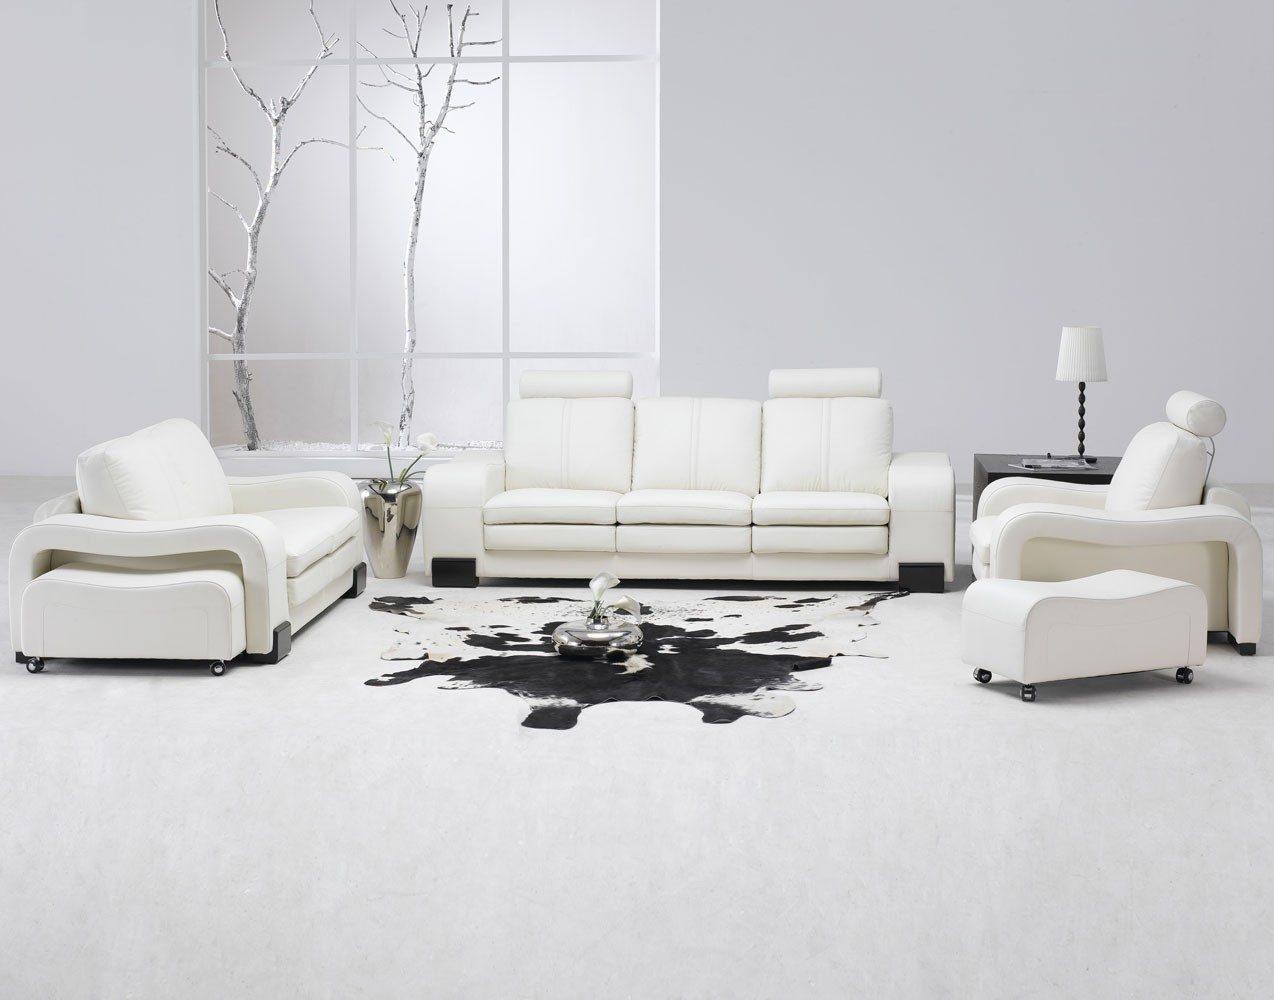 Estilo minimalista moderno im genes y fotos for Articulos de decoracion minimalista